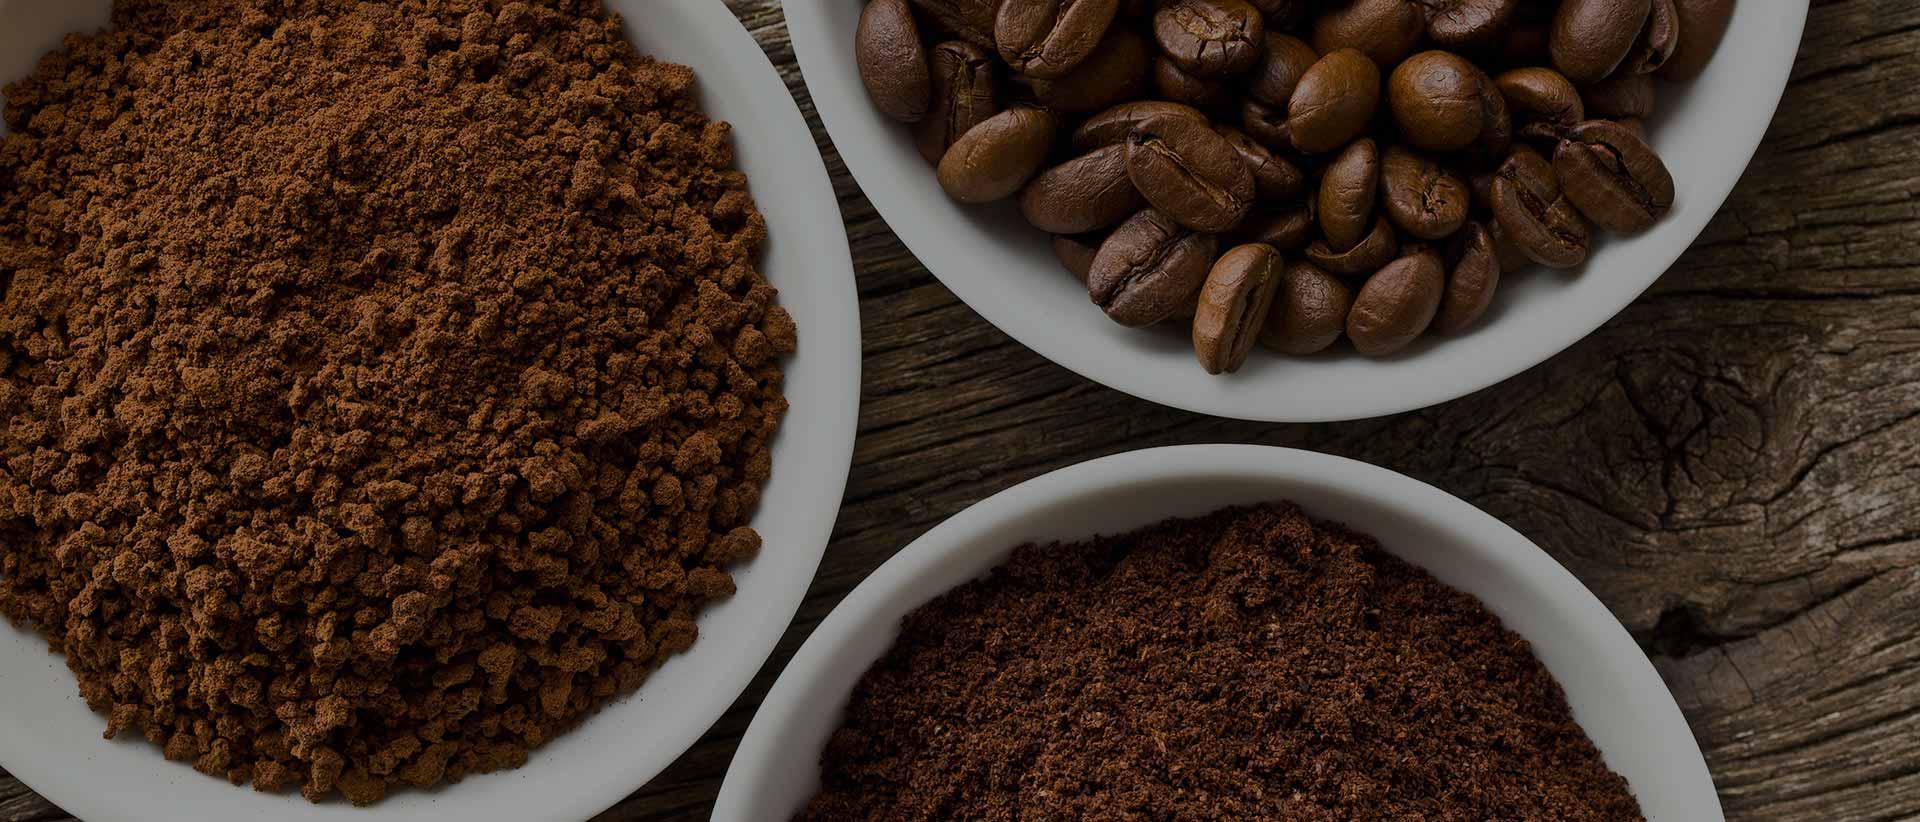 فوائد القهوة للبشرة .